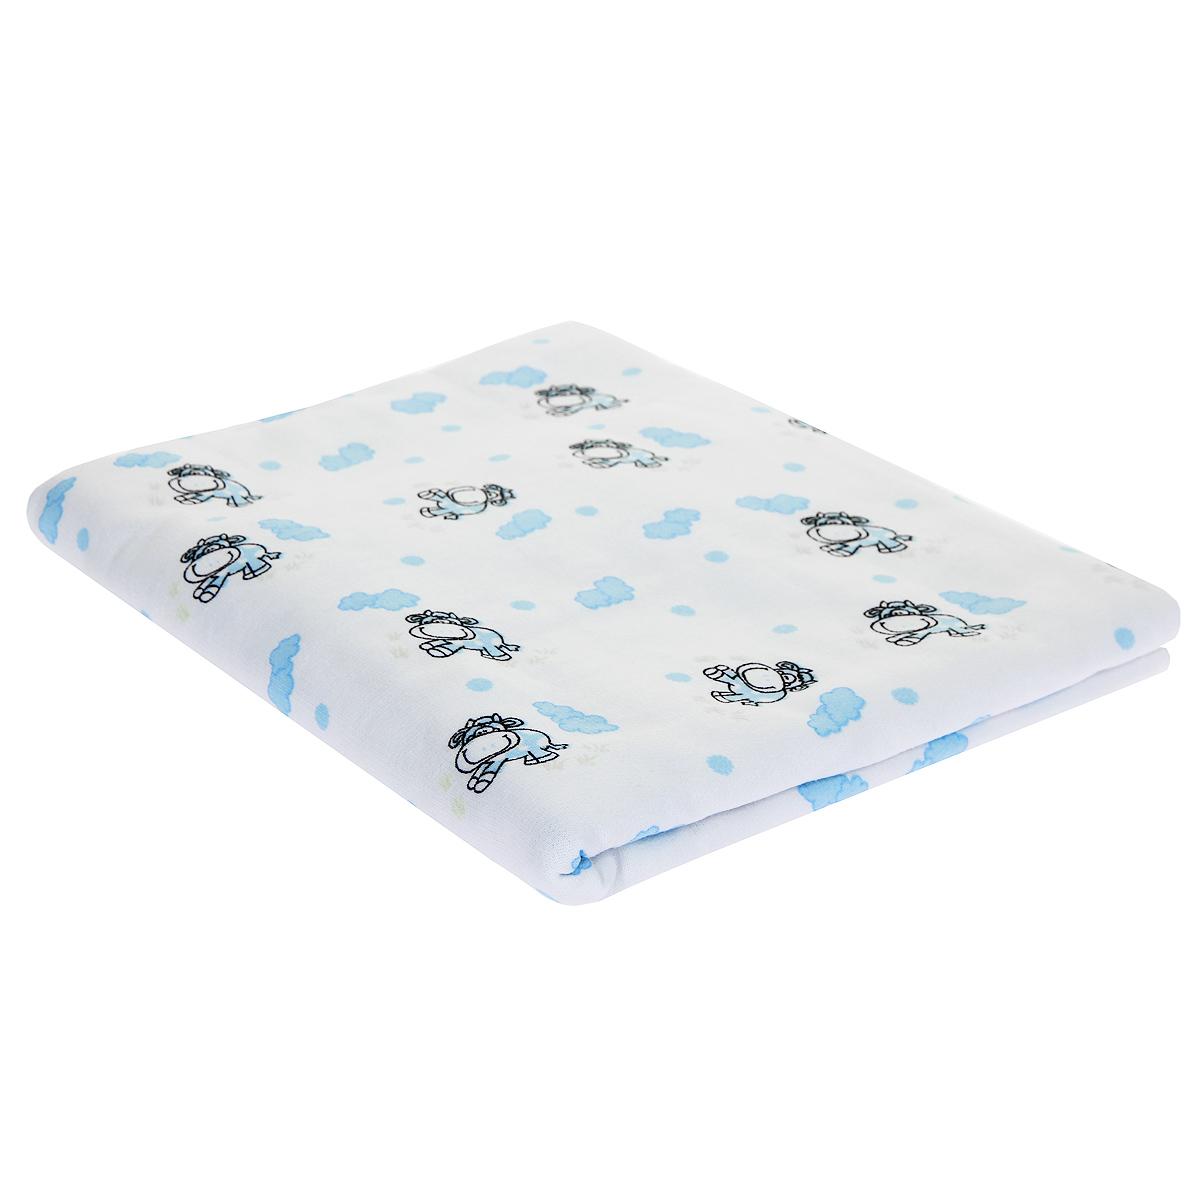 Пеленка детская Трон-Плюс, цвет: белый с голубыми коровками, 120 см х 90 см5411 гол корПеленка выполнена из футера - хлопчатобумажной ткани с небольшим начесом с изнаночной стороны. Такая ткань прекрасно дышит, она гипоаллергенна, обладает повышенными теплоизоляционными свойствами и не теряет формы после стирки. Мягкая ткань укутывает малыша с необычайной нежностью. Пеленку также можно использовать как легкое одеяло в теплую погоду, простынку, полотенце после купания, накидку для кормления грудью или как согревающий компресс при коликах. Пеленочка белого цвета оформлена изображениями голубых облаков и коровок. Ее размер подходит для пеленания даже крупного малыша. Характеристики: Размер пеленки: 120 см x 90 см.